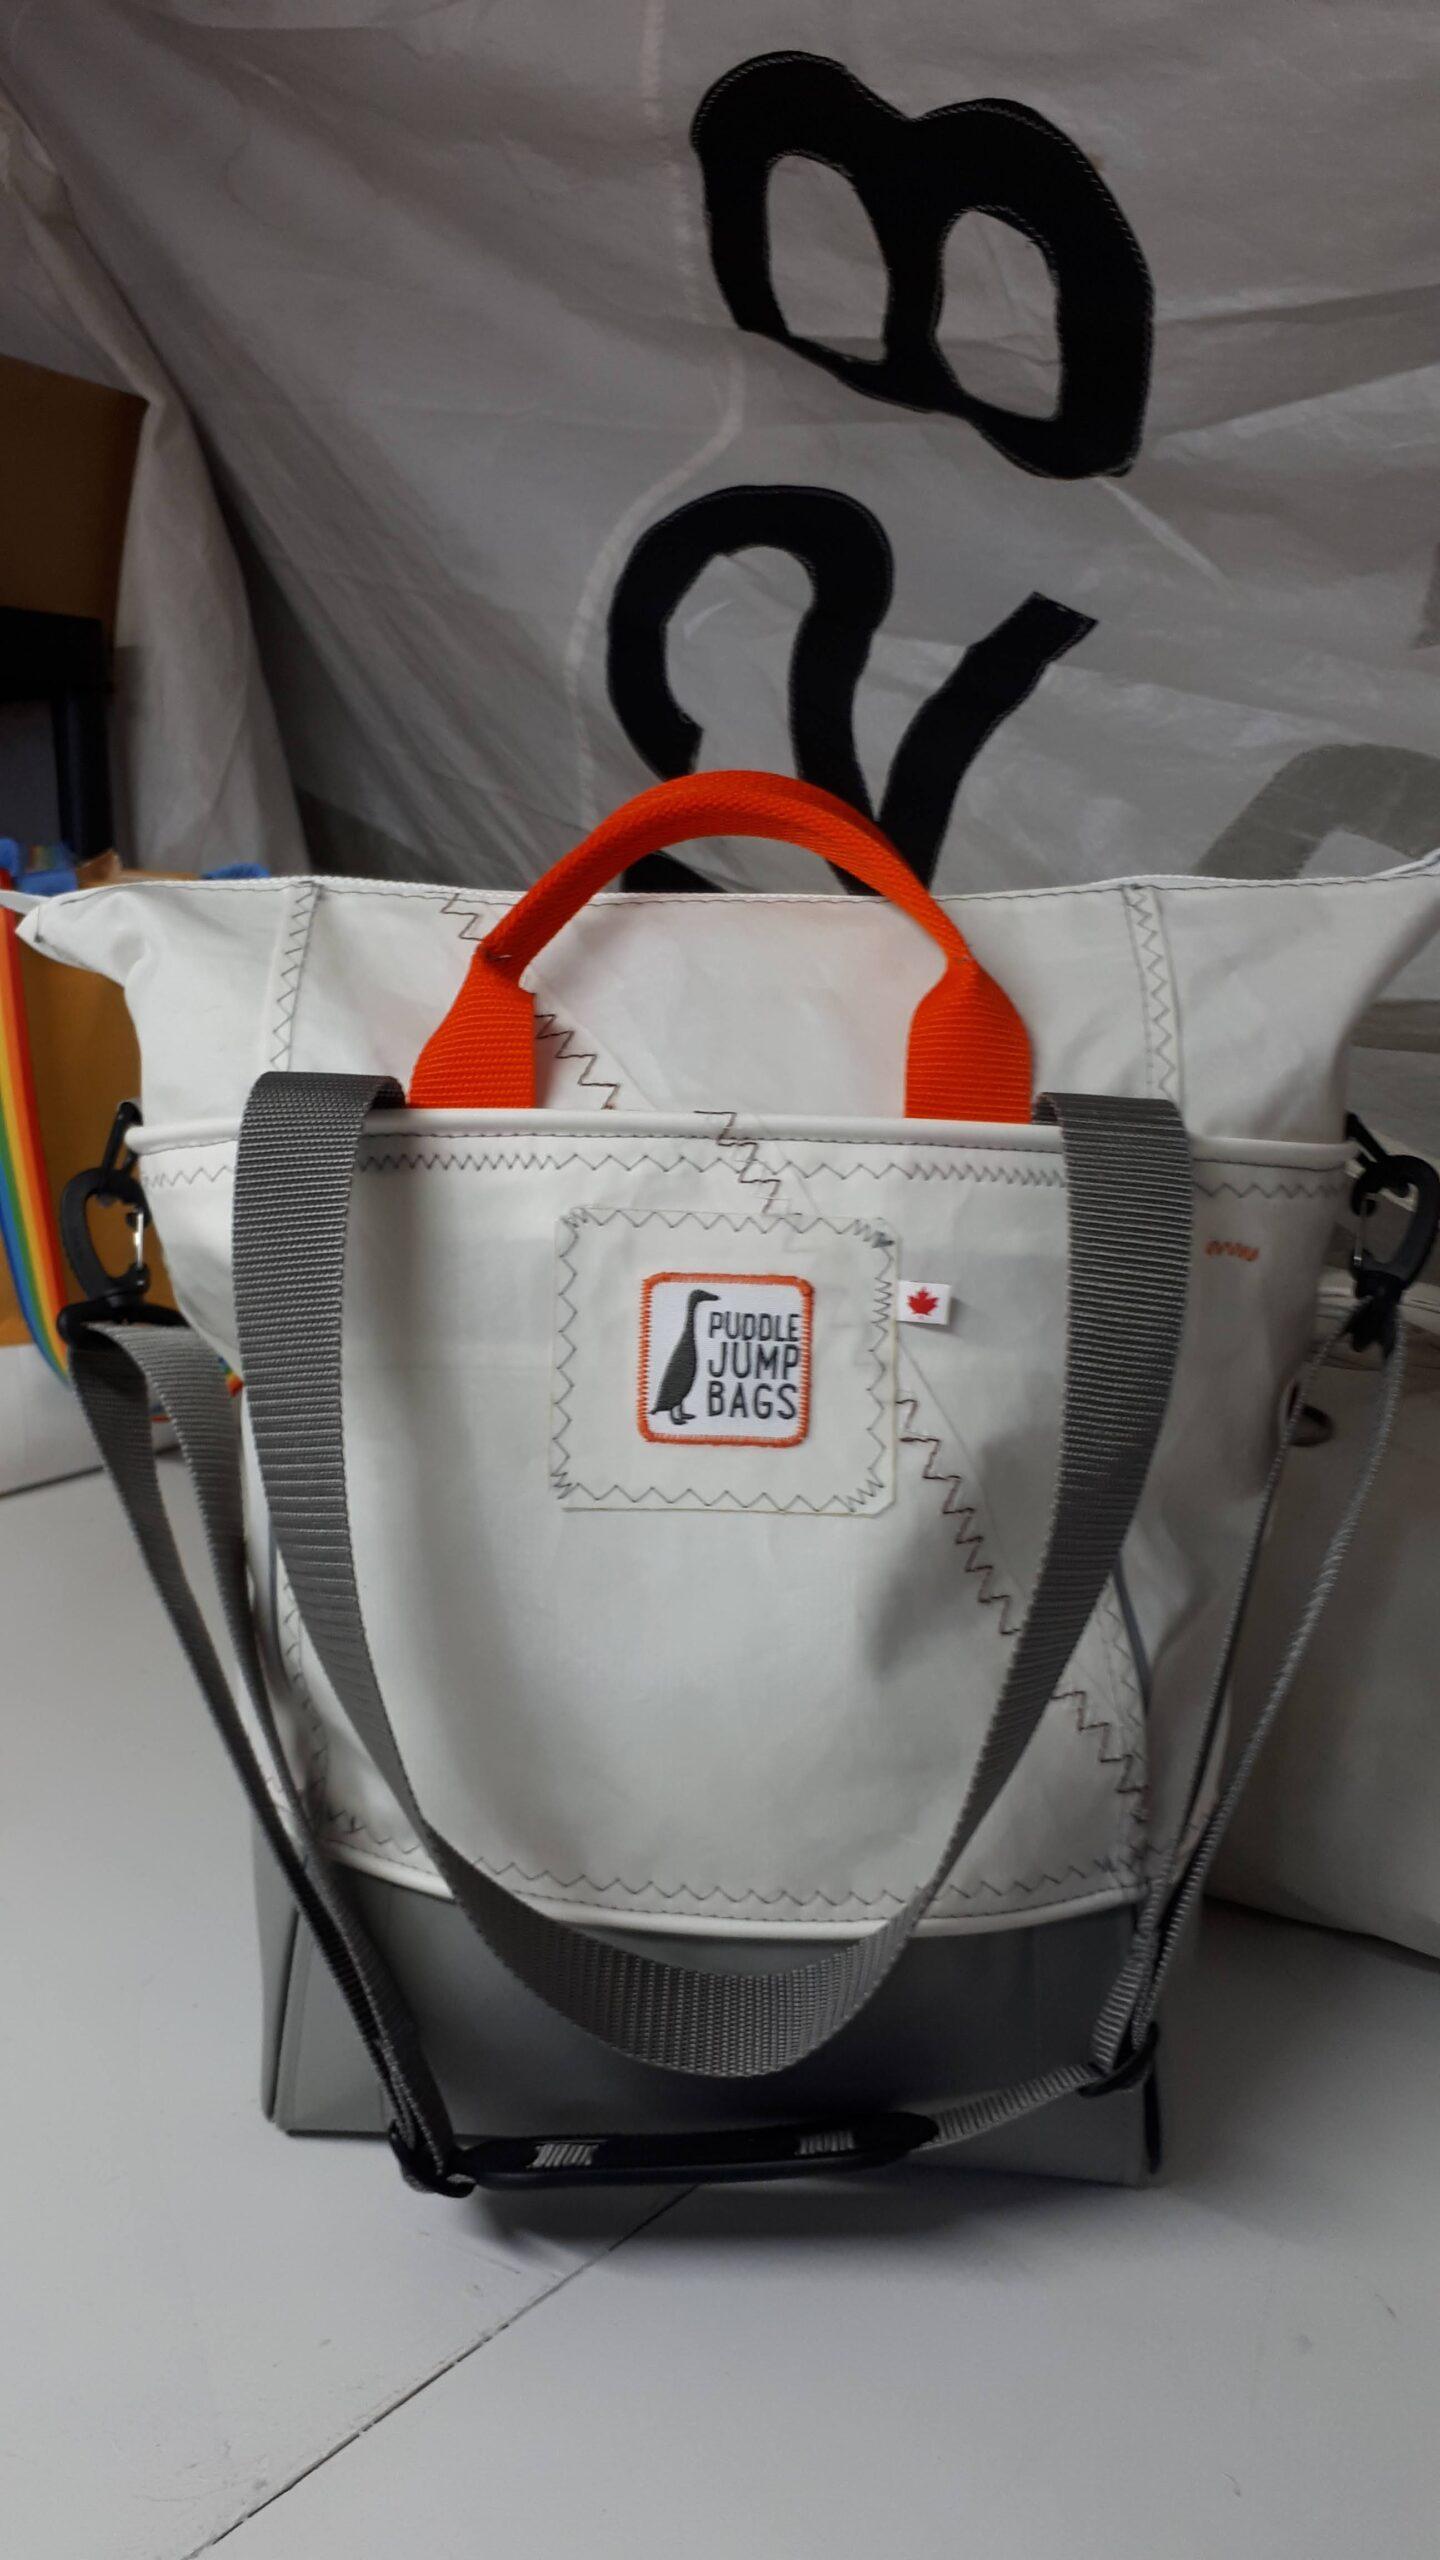 marina bag - zipped